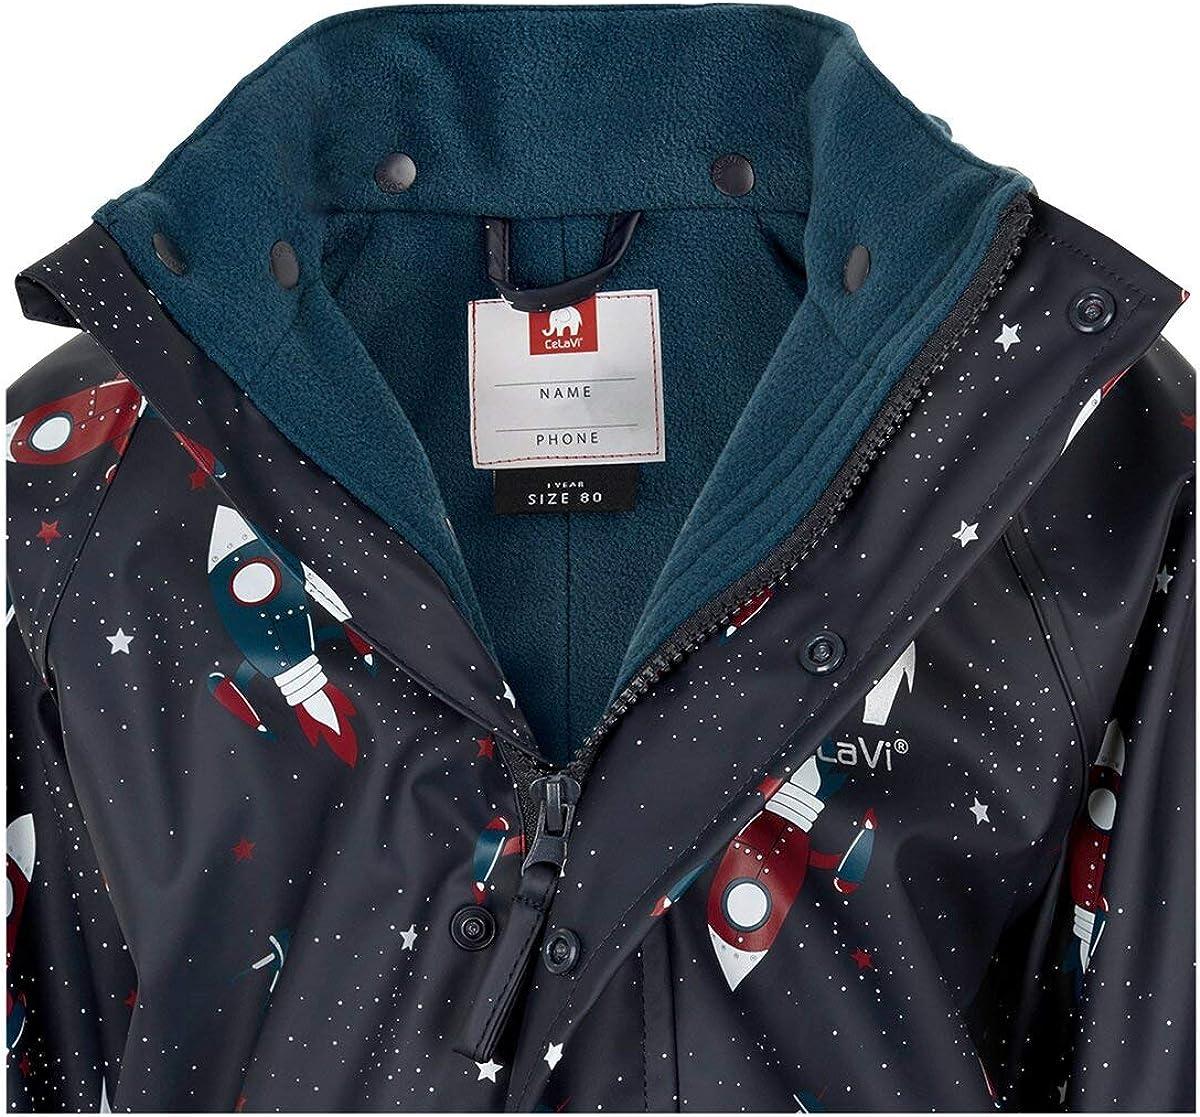 Celavi Boys Rainwear Suit with Fleece Rain Jacket